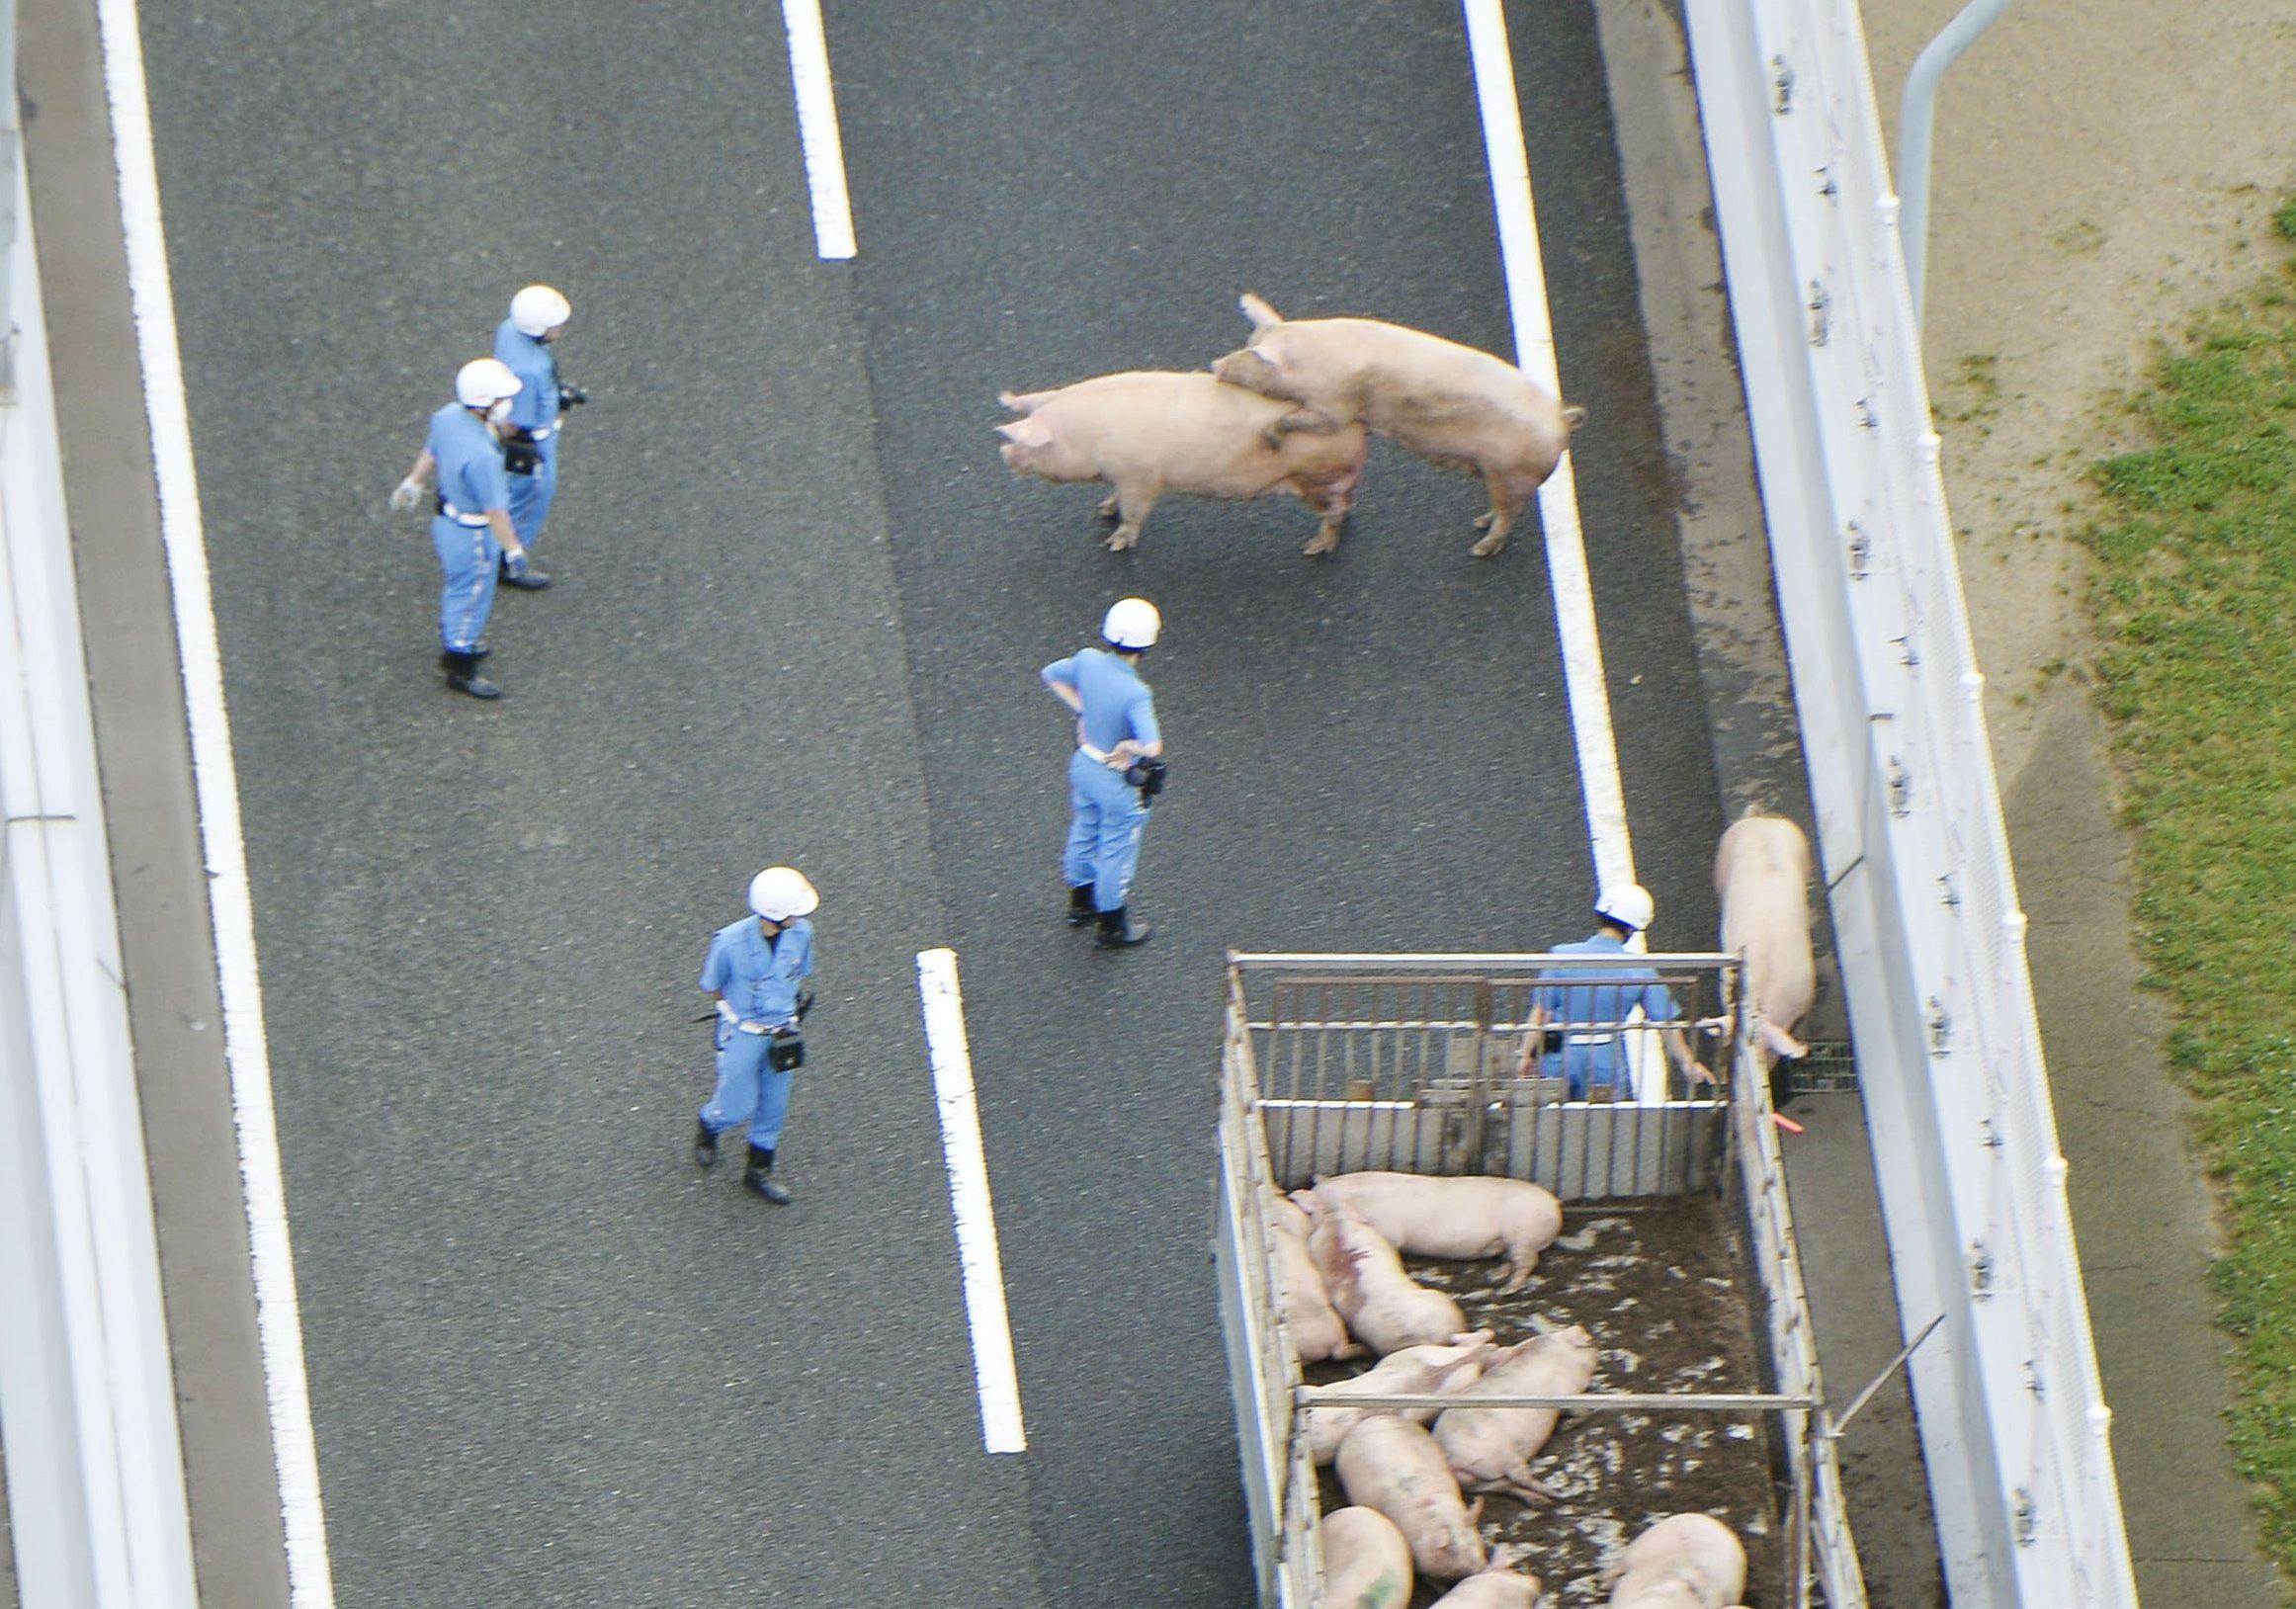 Os porcos não se machucaram durante o acidente  / Kyodo/Reuters